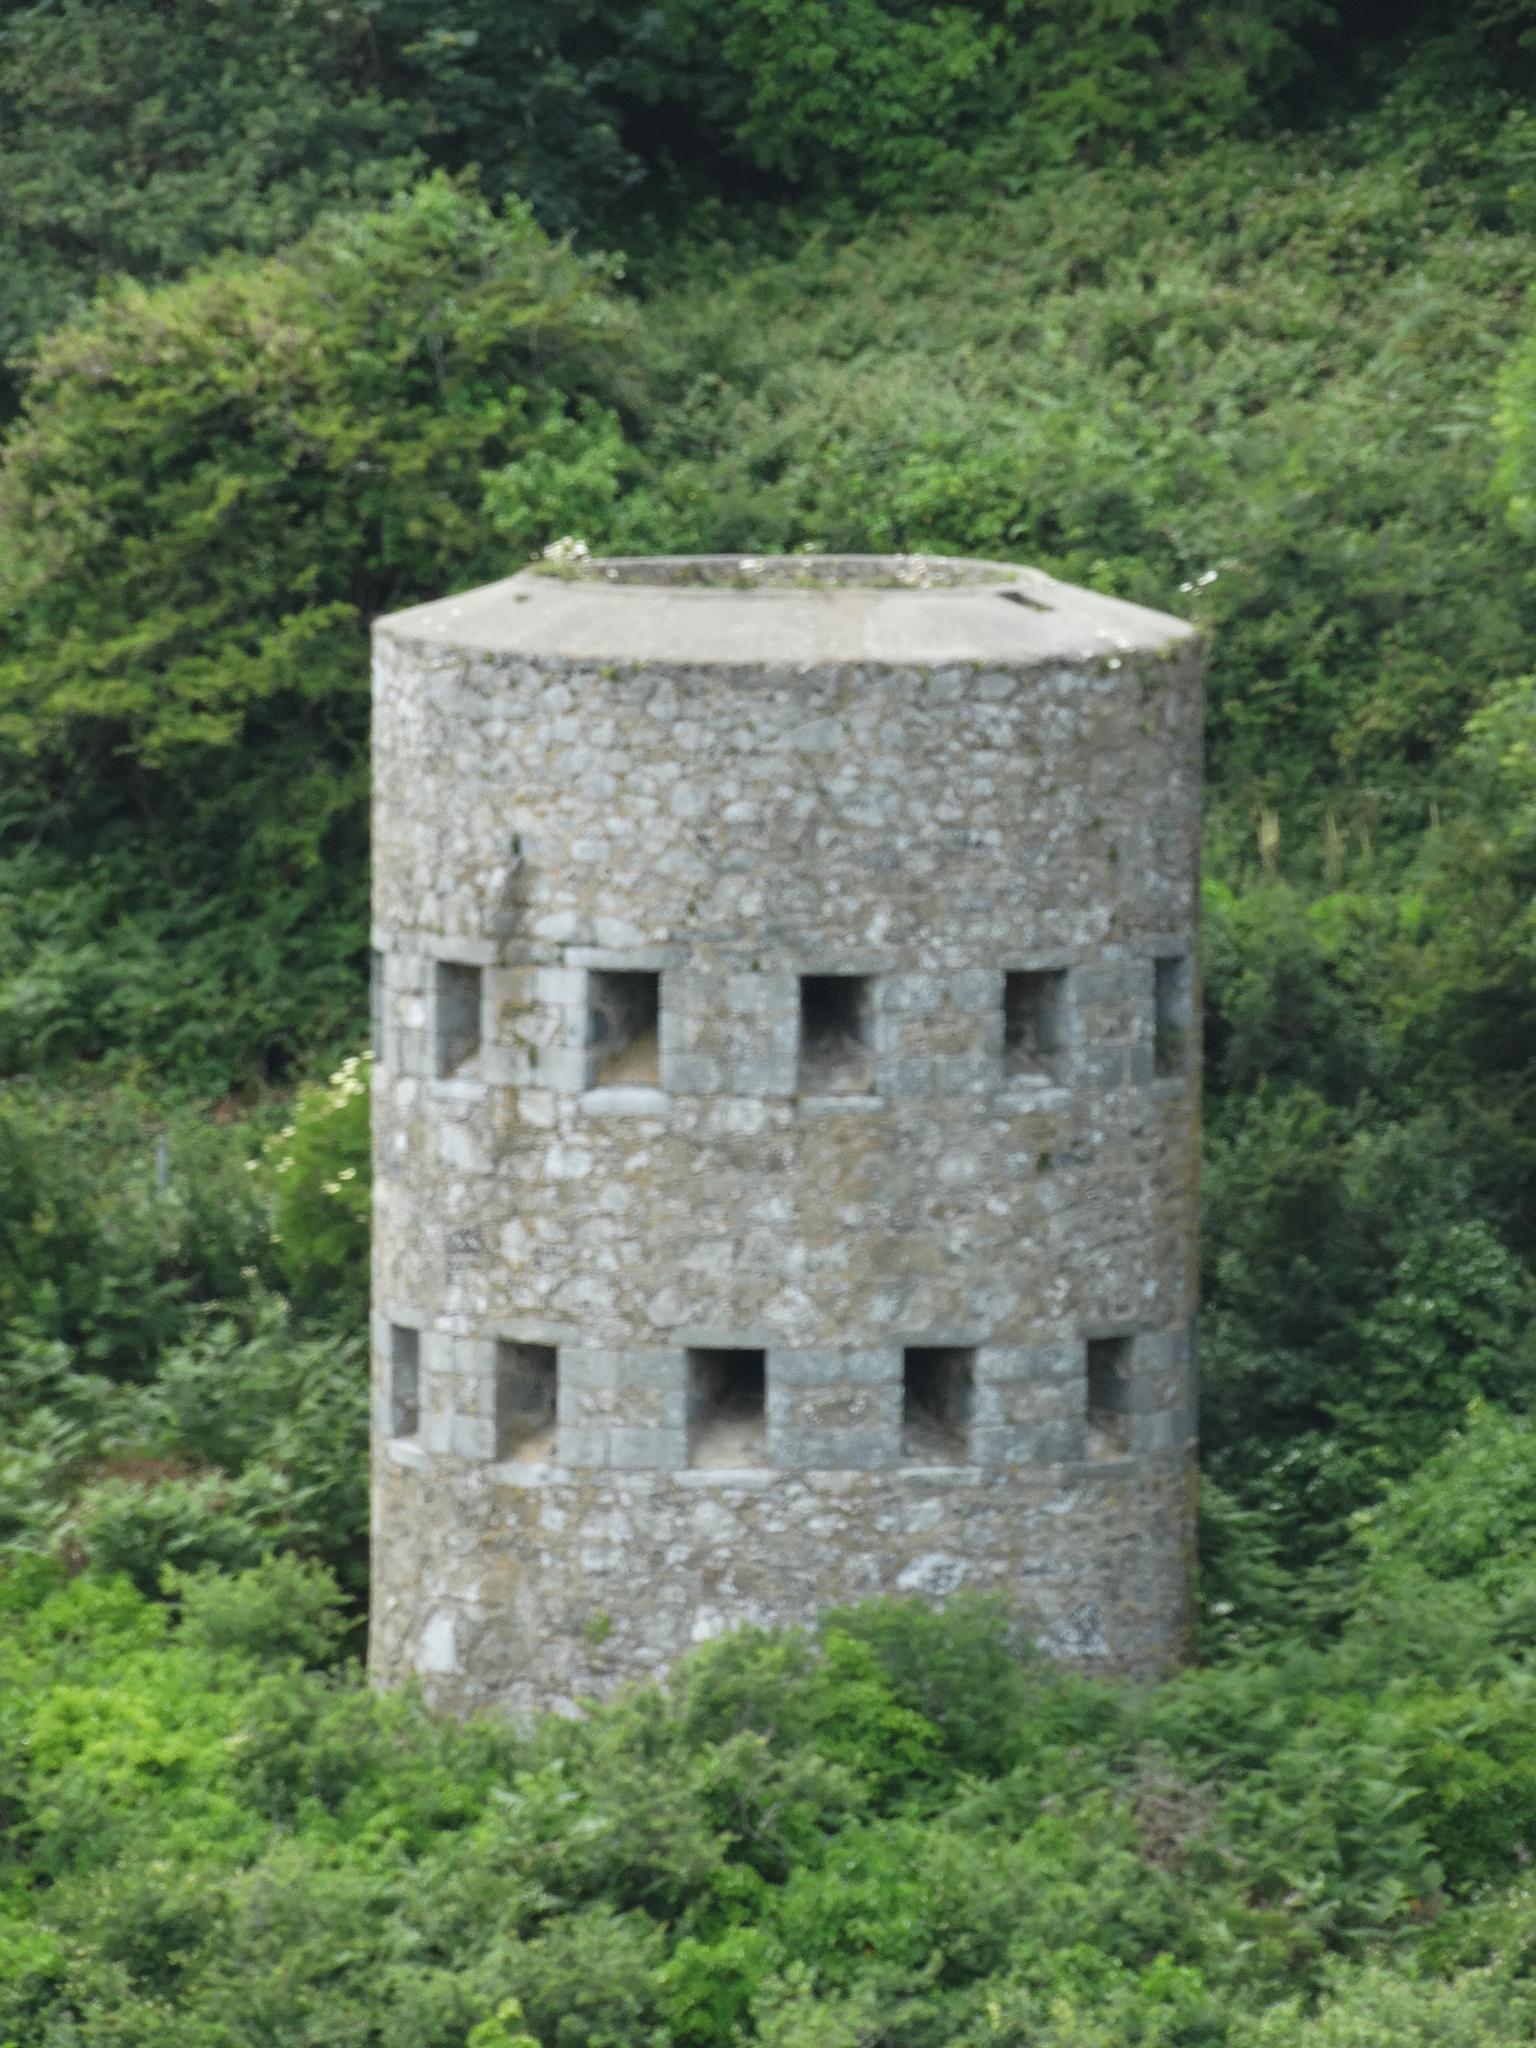 loophole tower  by wilma van heusden